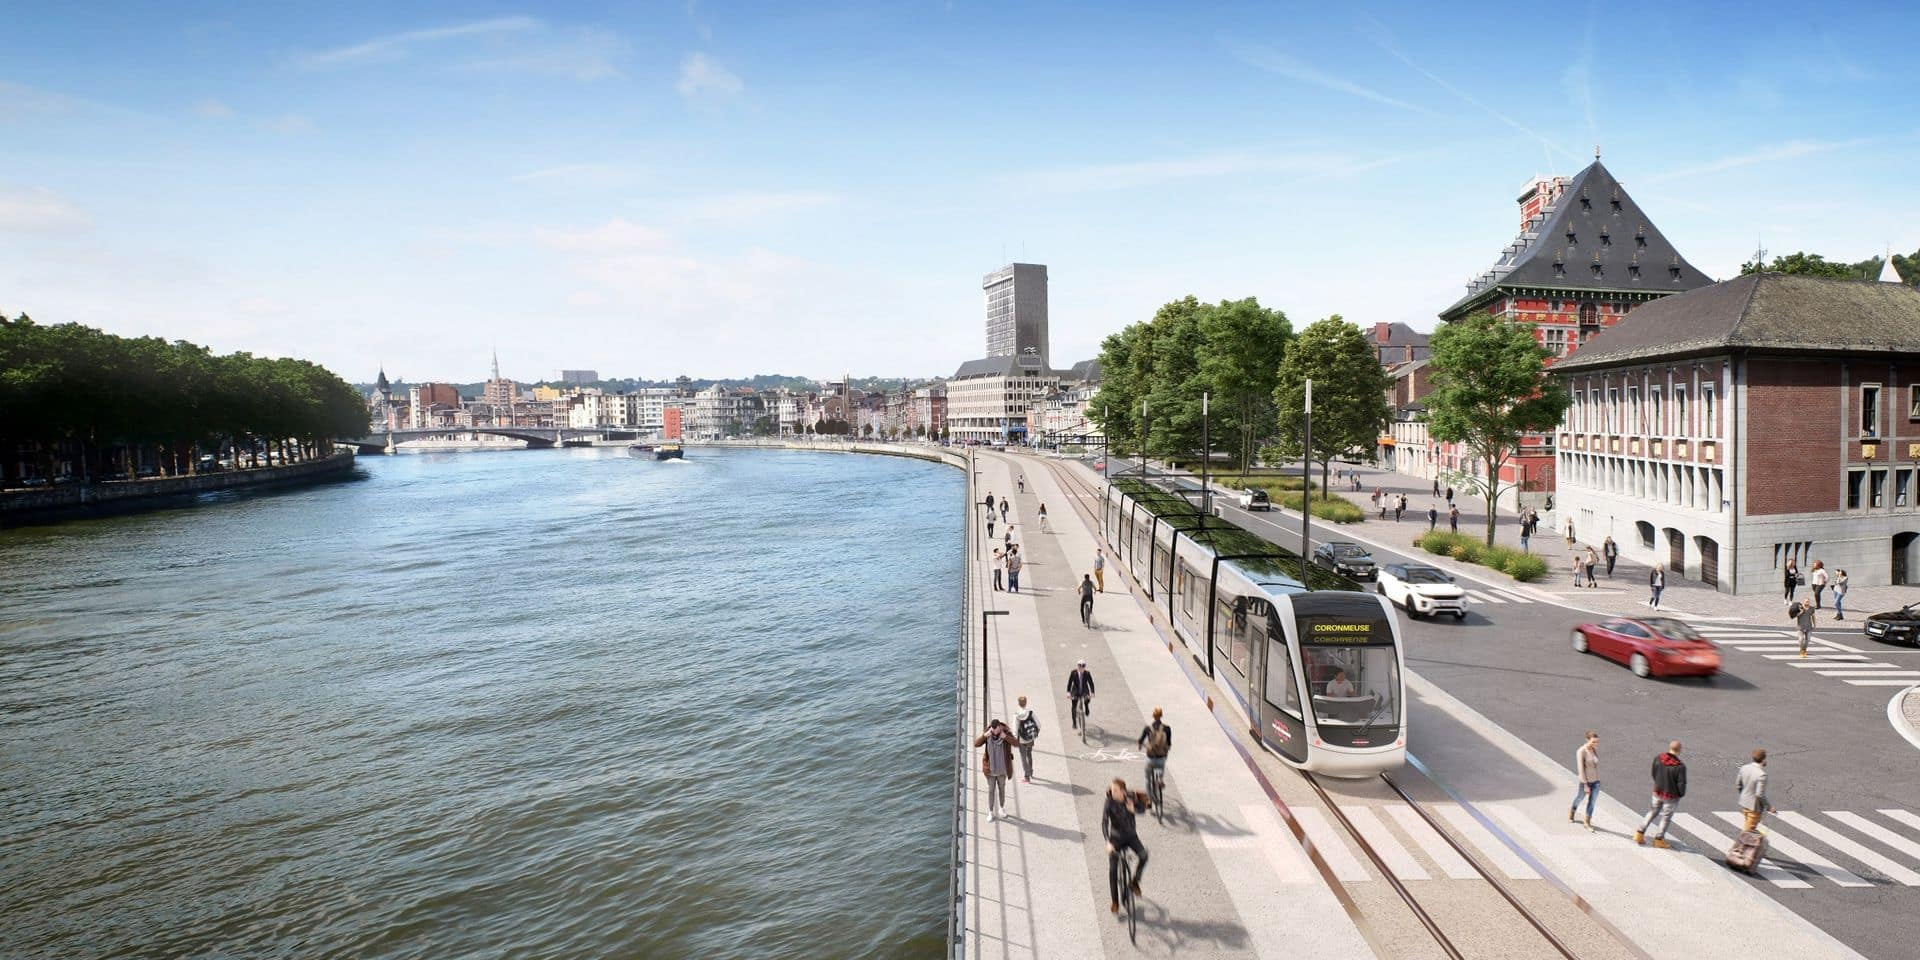 Travaux du tram : le boulevard d'Avroy sur une bande jusqu'à la mi-juillet